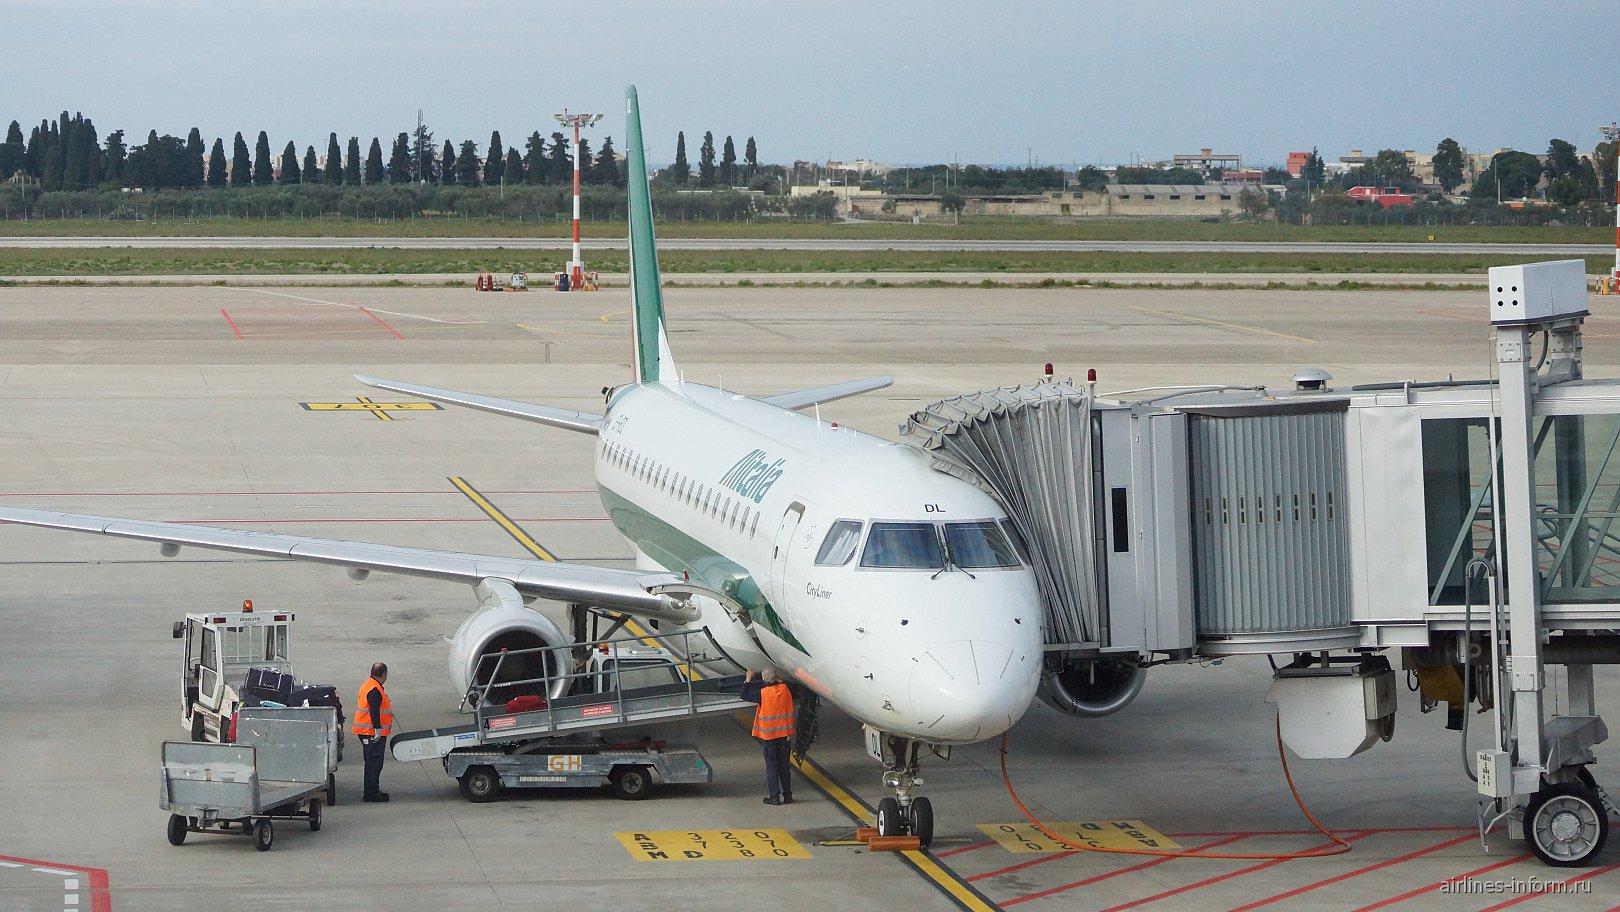 Самолет Embraer 175 авиакомпании Alitalia в аэропорту Бари